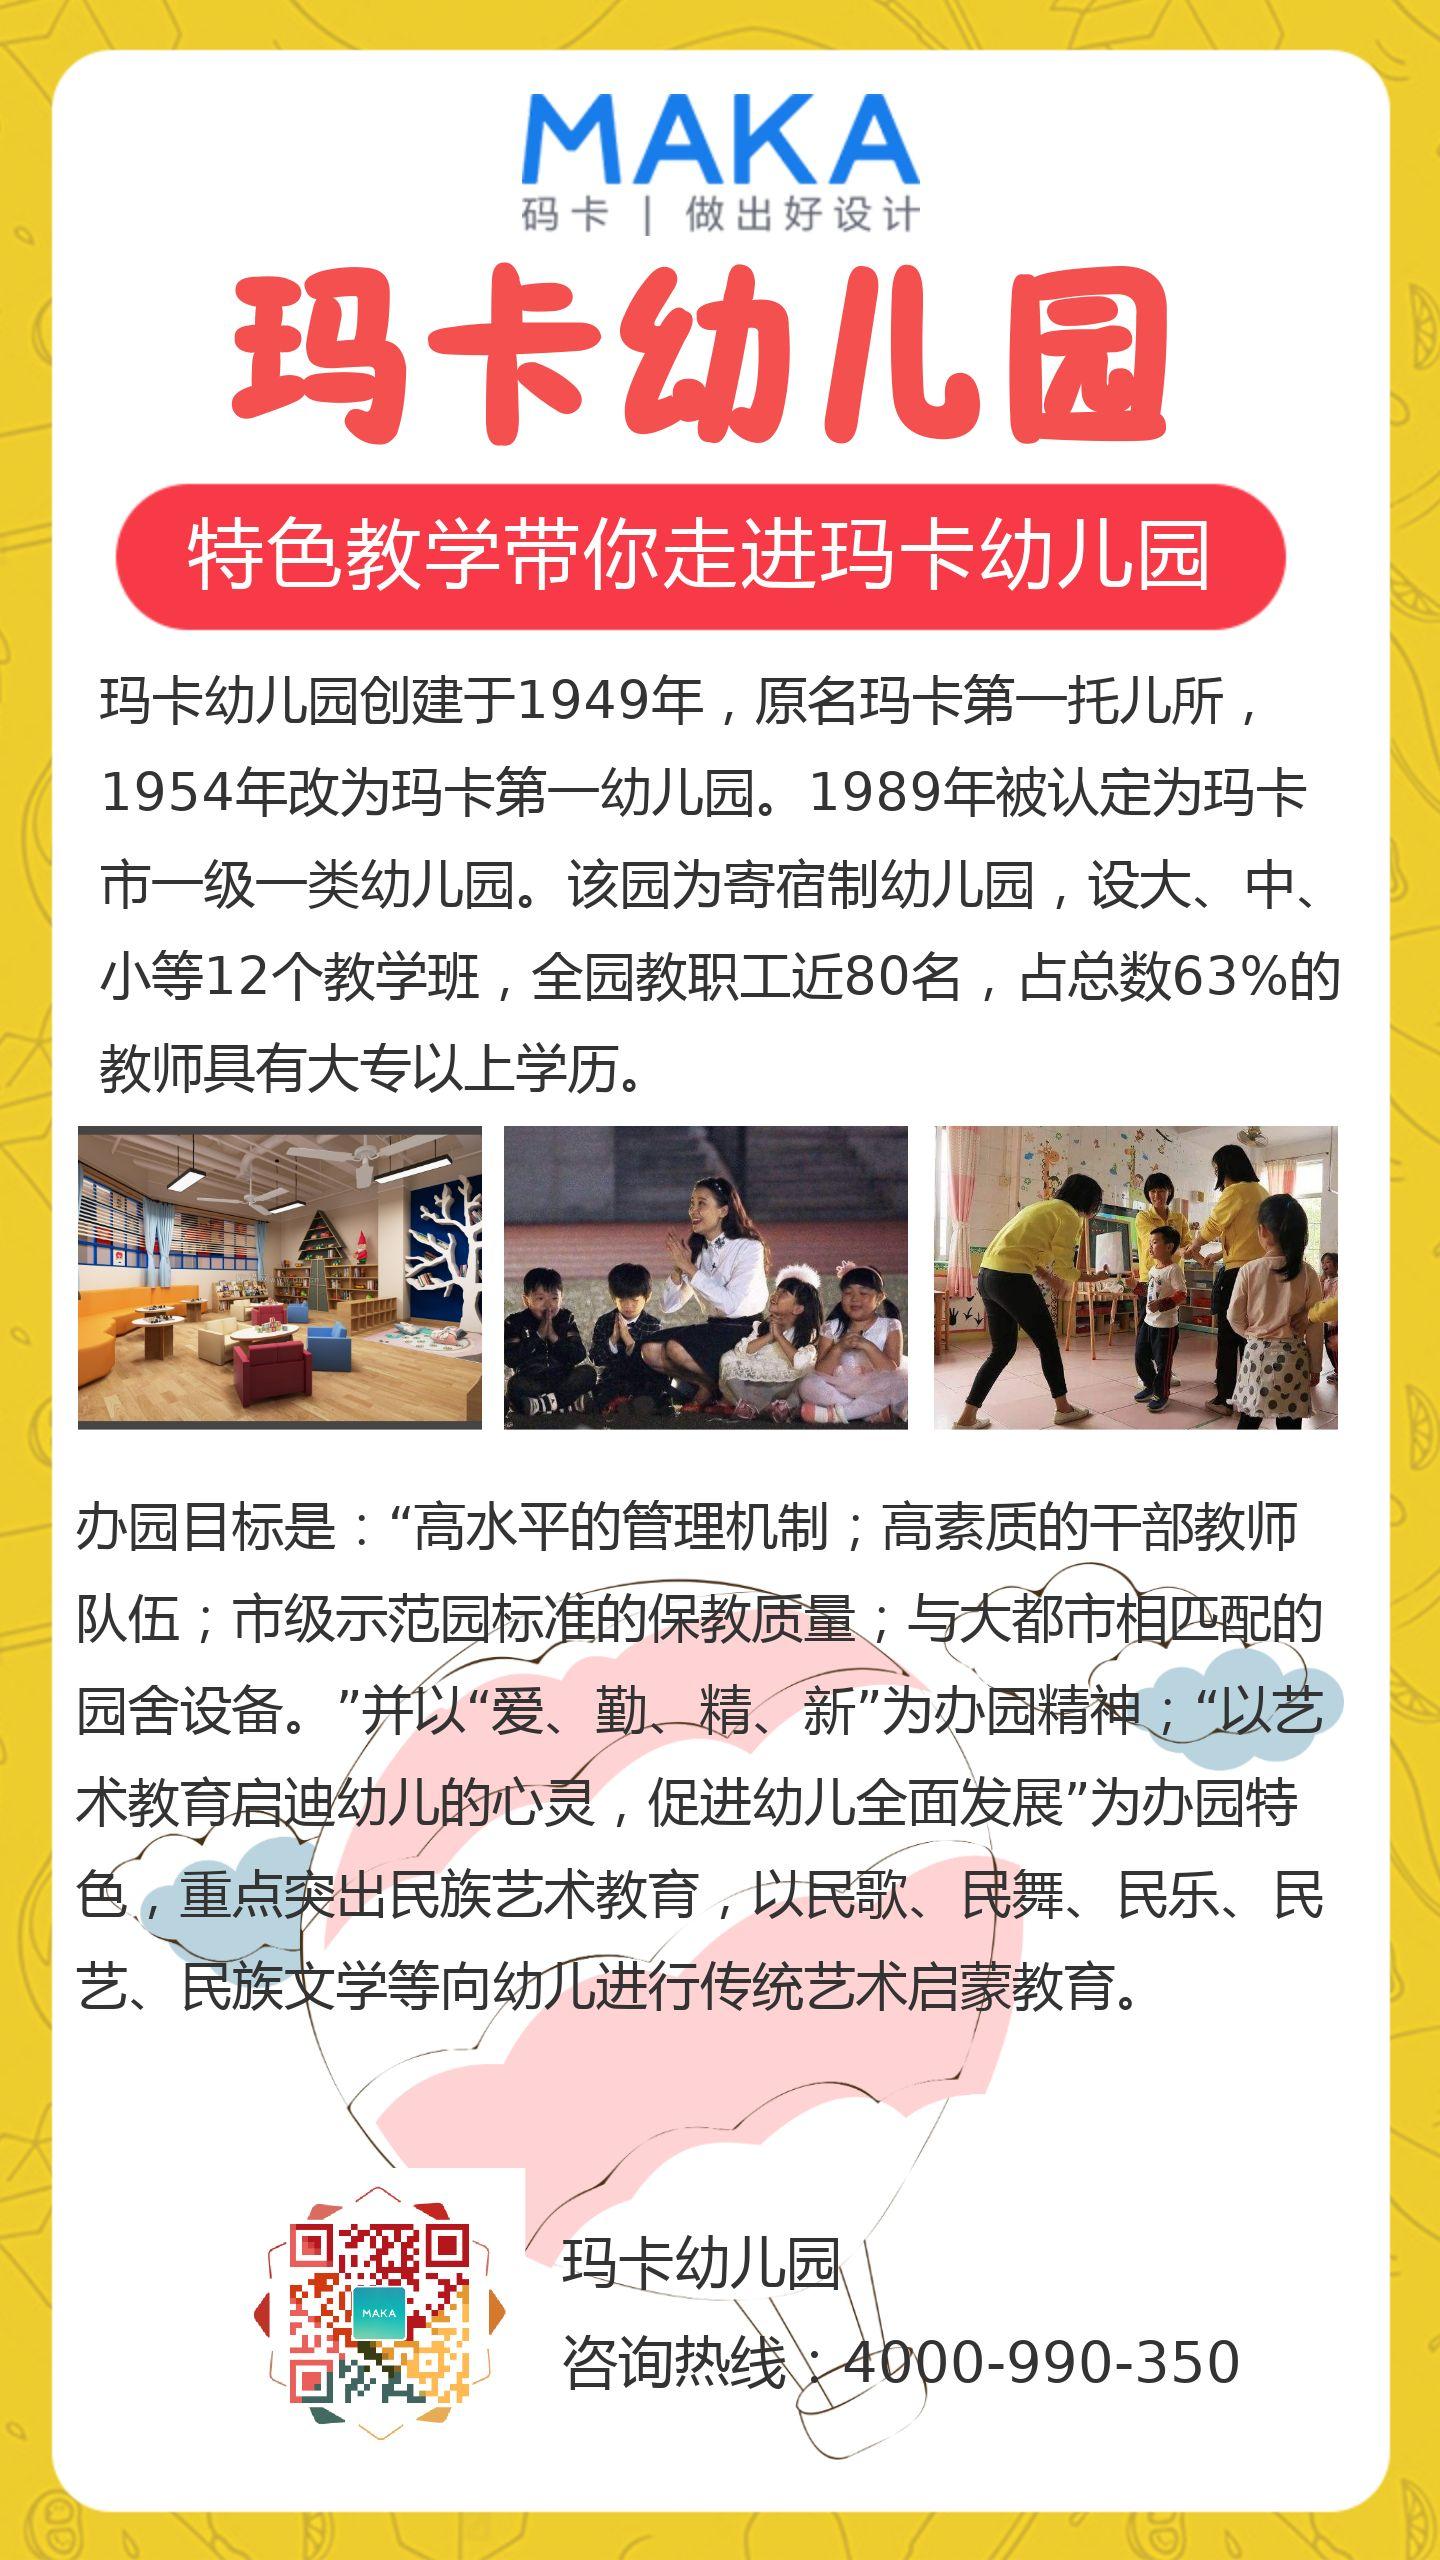 亮黄色时尚简约风早教幼儿园招生宣传海报